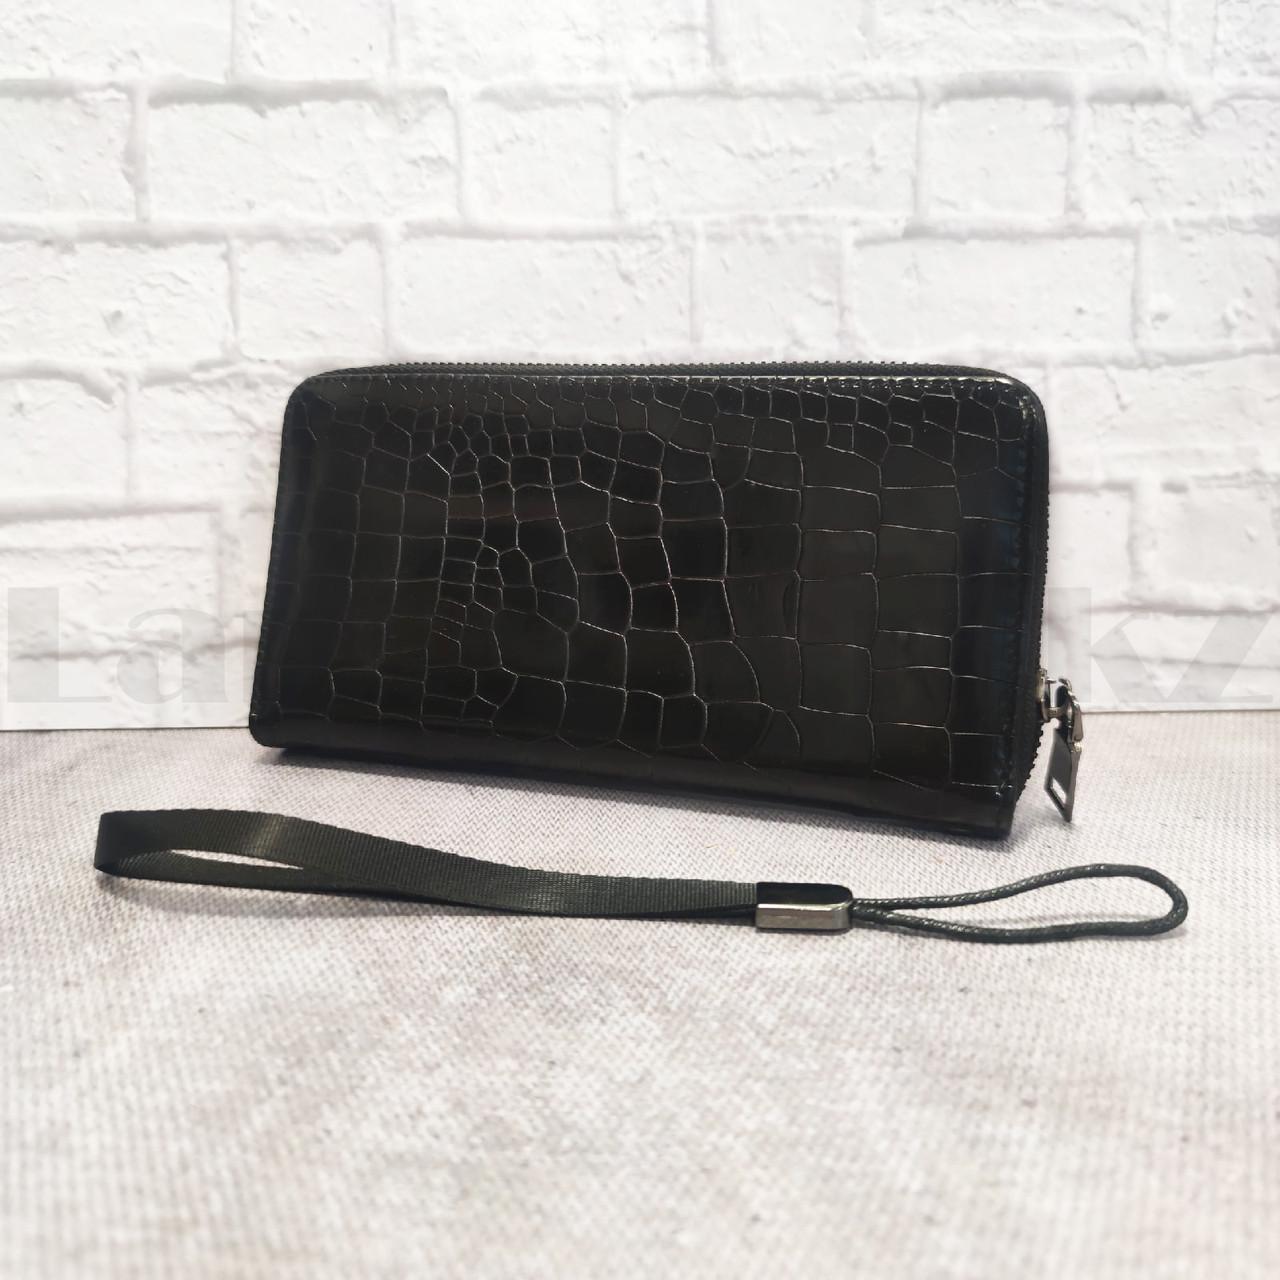 Портмоне со съемной визитницей кошелек кожаный черный 341 - фото 9